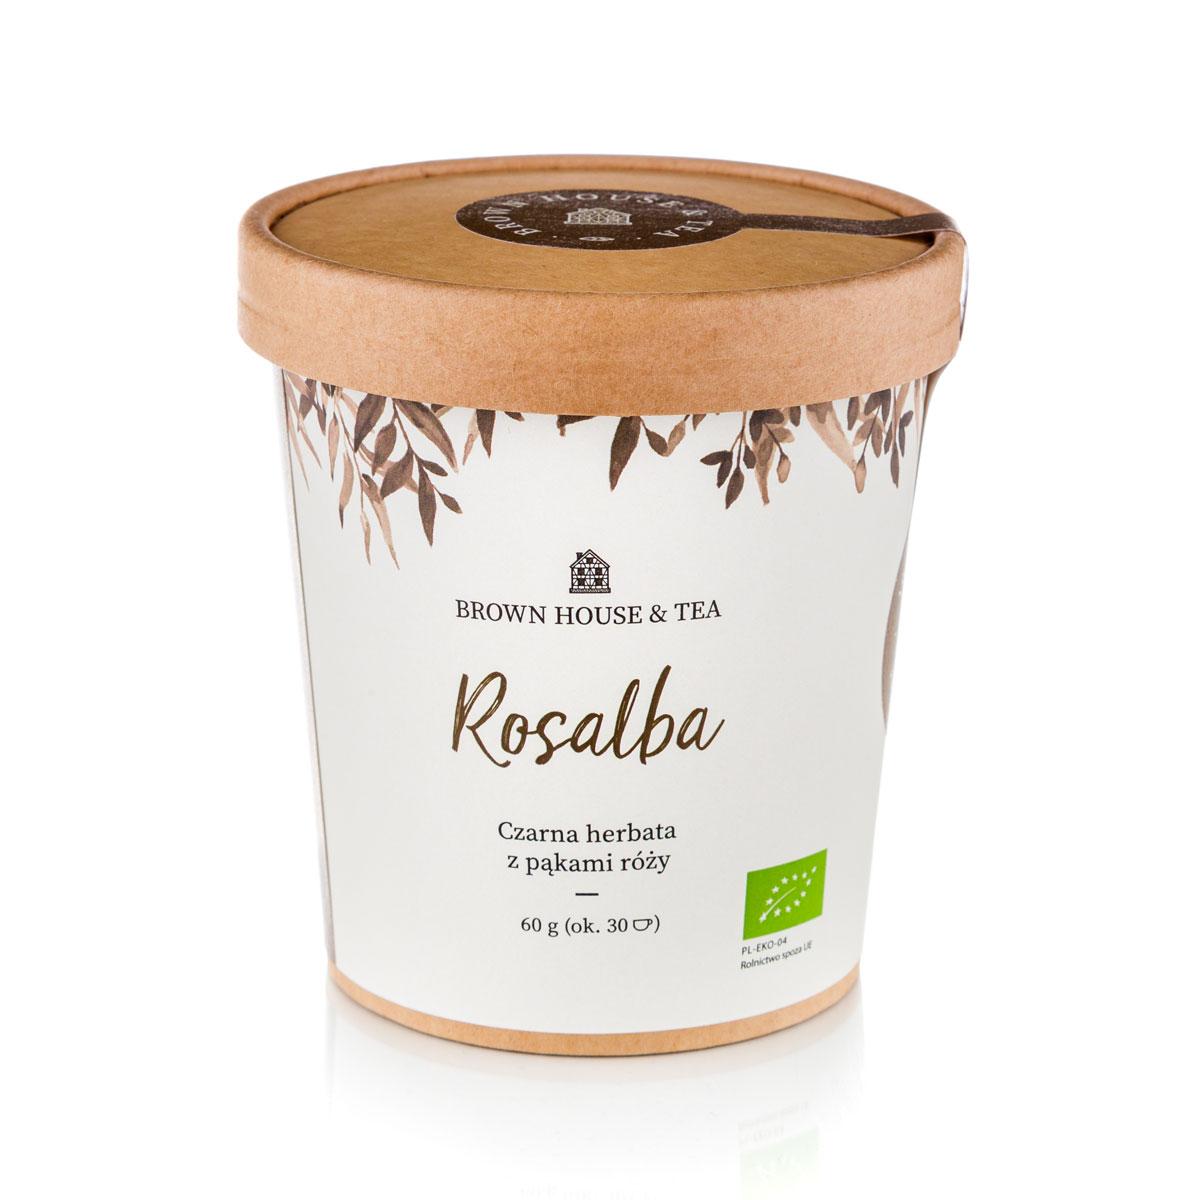 Czarna herbata i róża to dość popularne w herbacianym świecie połączenie. Nie od dziś przeciwieństwa, jakimi są silny, cierpki smak Darjeeling i łagodny, słodko-kwaśny smak róży, przyciągają się tworząc blend, który zachwyca ludzi na całym świecie. Ale prawdziwa magia dzieje się, gdy sięgniemy po składniki z ekologicznych upraw, w których tak samo dba się o środowisko, jak też o same rośliny. Efekt? Smak głęboki, intensywny i nieporównywalny z żadną inną podobną mieszanką. Zawarta w blendzie czarna herbata Darjeeling to źródło intensywności i lekko cierpkiego posmaku. Rośnie w specyficznym, mglistym i słabo nasłonecznionym mikroklimacie, tuż u podnóża Himalajów. To właśnie rześkie, górskie powietrze sprawia, że Darjeeling smakuje tak wyjątkowo i zdecydowanie. Jej mocny, stanowczy charakter z lekko muszkatołowym posmakiem balansuje dodatek delikatnie kwaśnych, lekko słodkich pąków róży. Czarna herbata Darjeeling to źródło zdrowia i dobrego samopoczucia. Podobnie jak inne herbaty, jest n